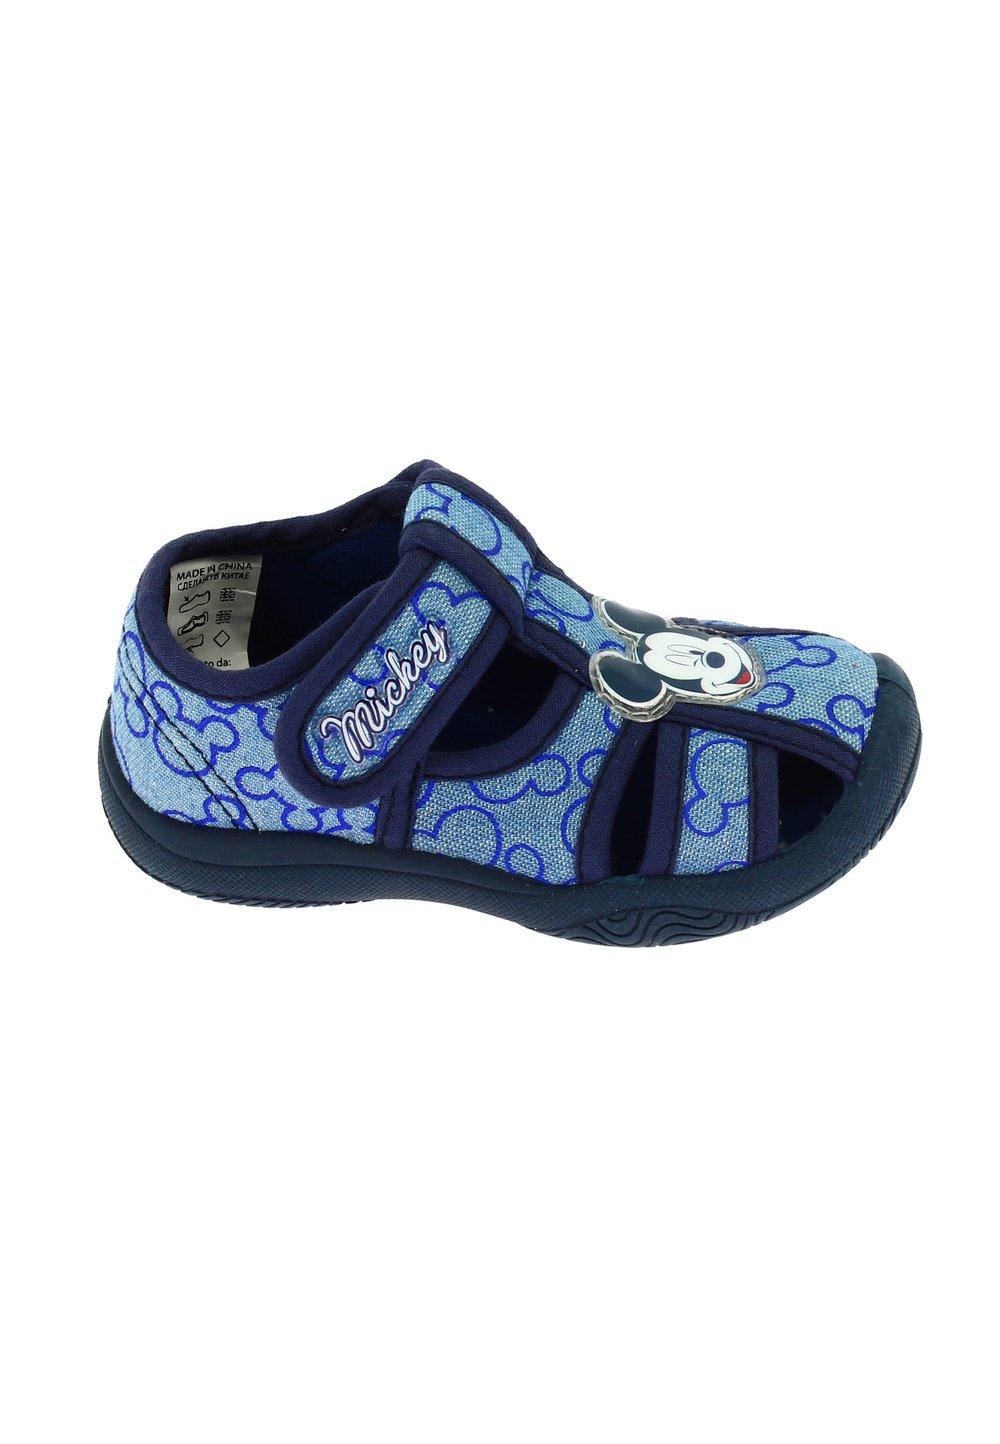 Sandale, Bluemarin Cu Albastru, Mickey Mouse